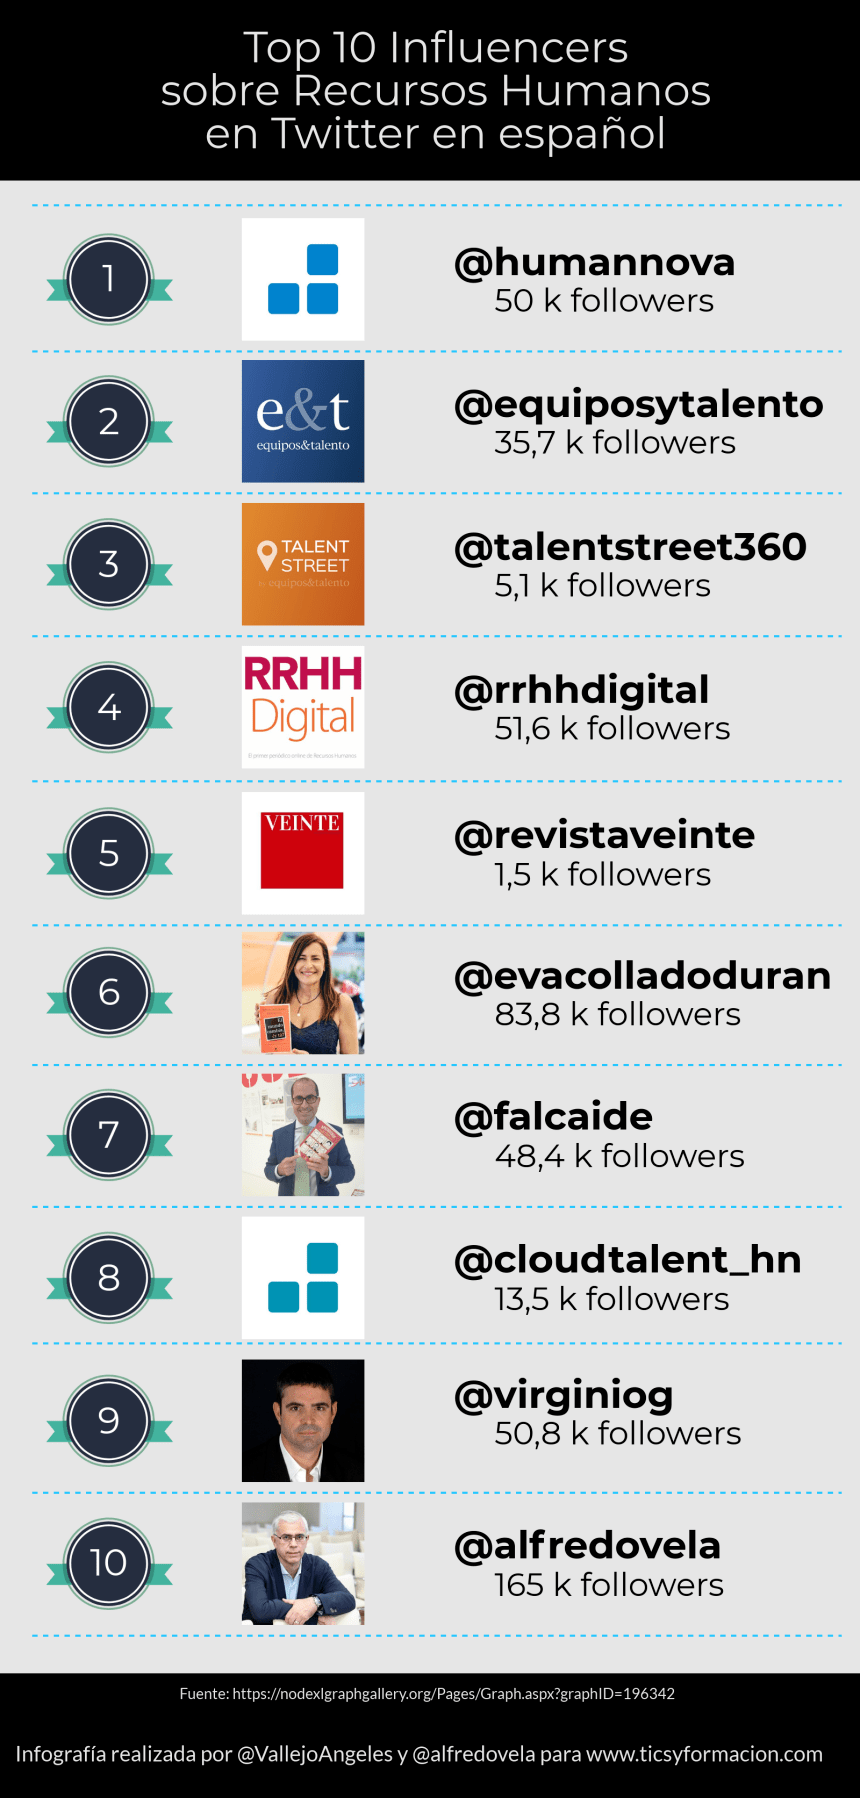 Top 10 Influencers sobre Recursos Humanos en Twitter en español #infografia #socialmedia #rrhh